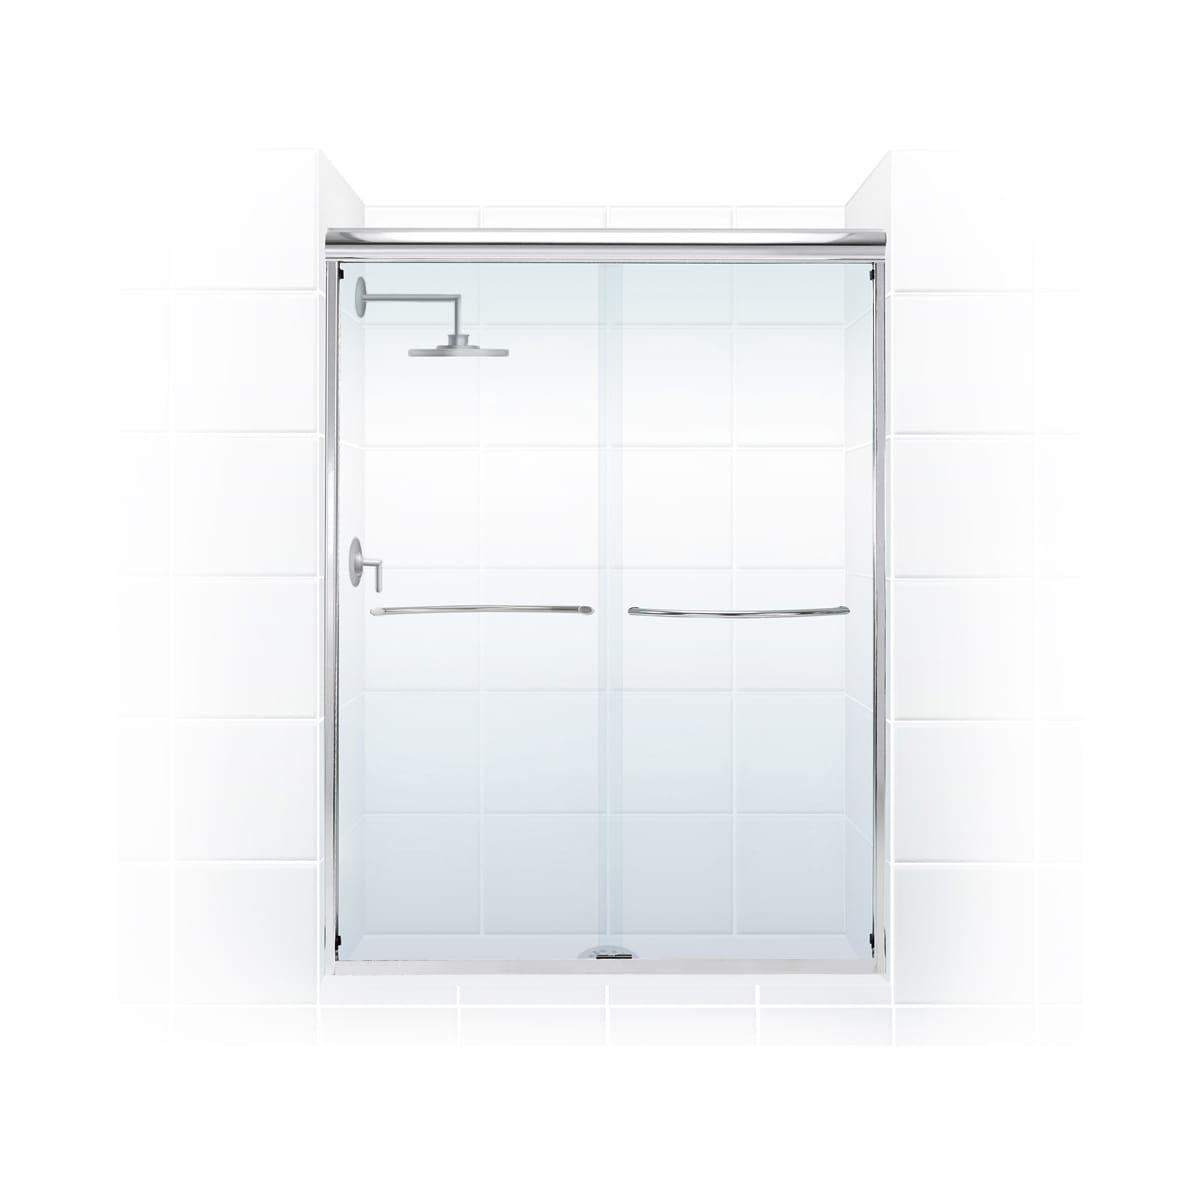 Coastal Shower Doors 2848 71 C